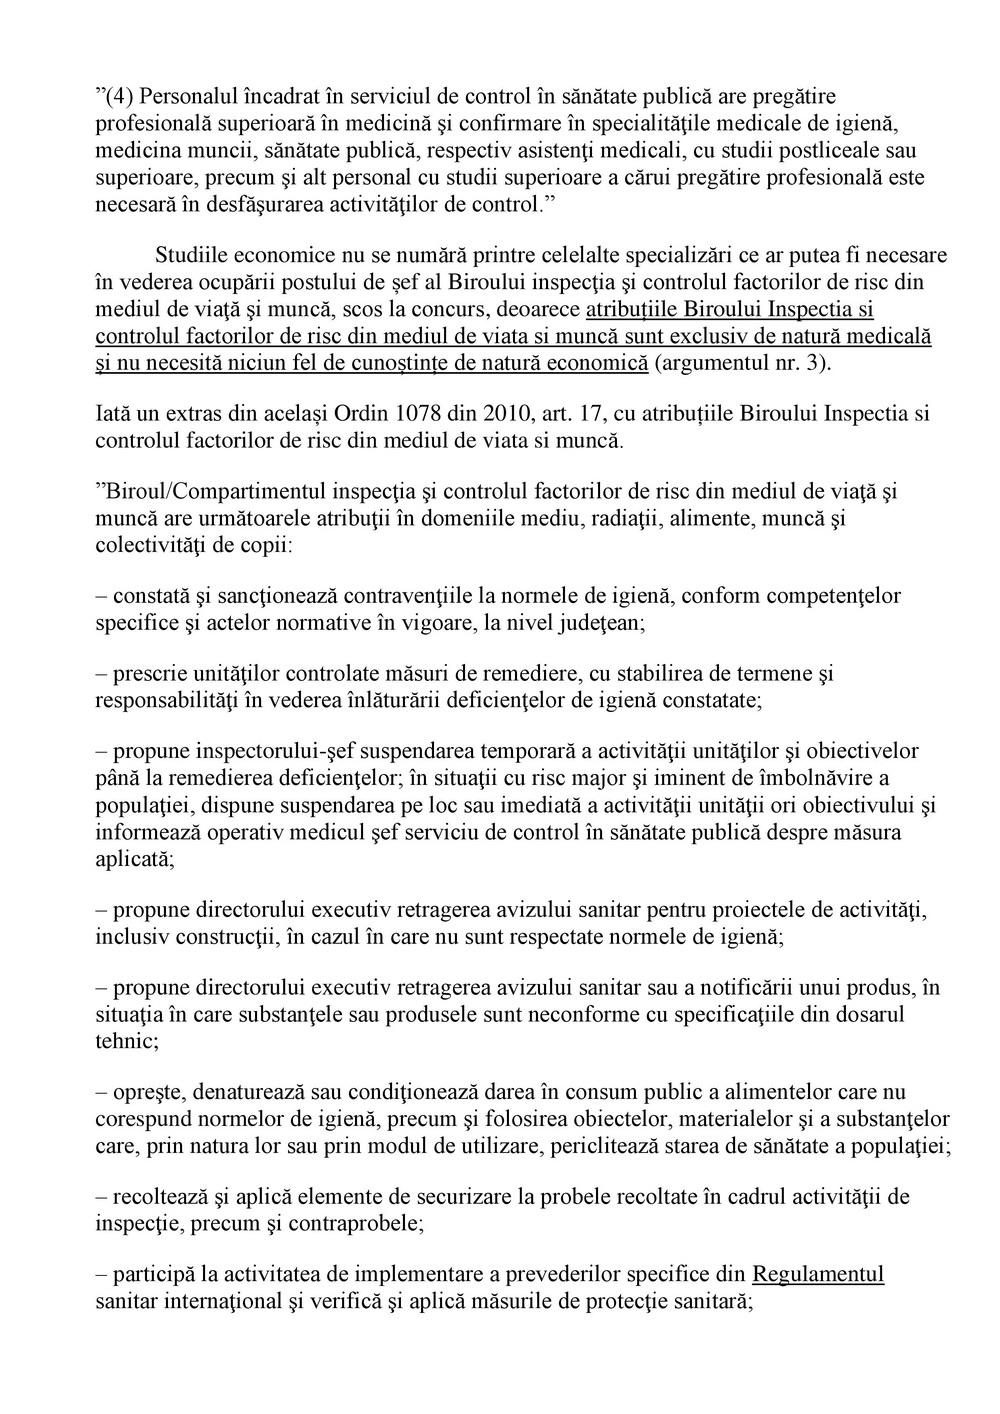 petitie concurs ilegal dsp gorj premier-page-002